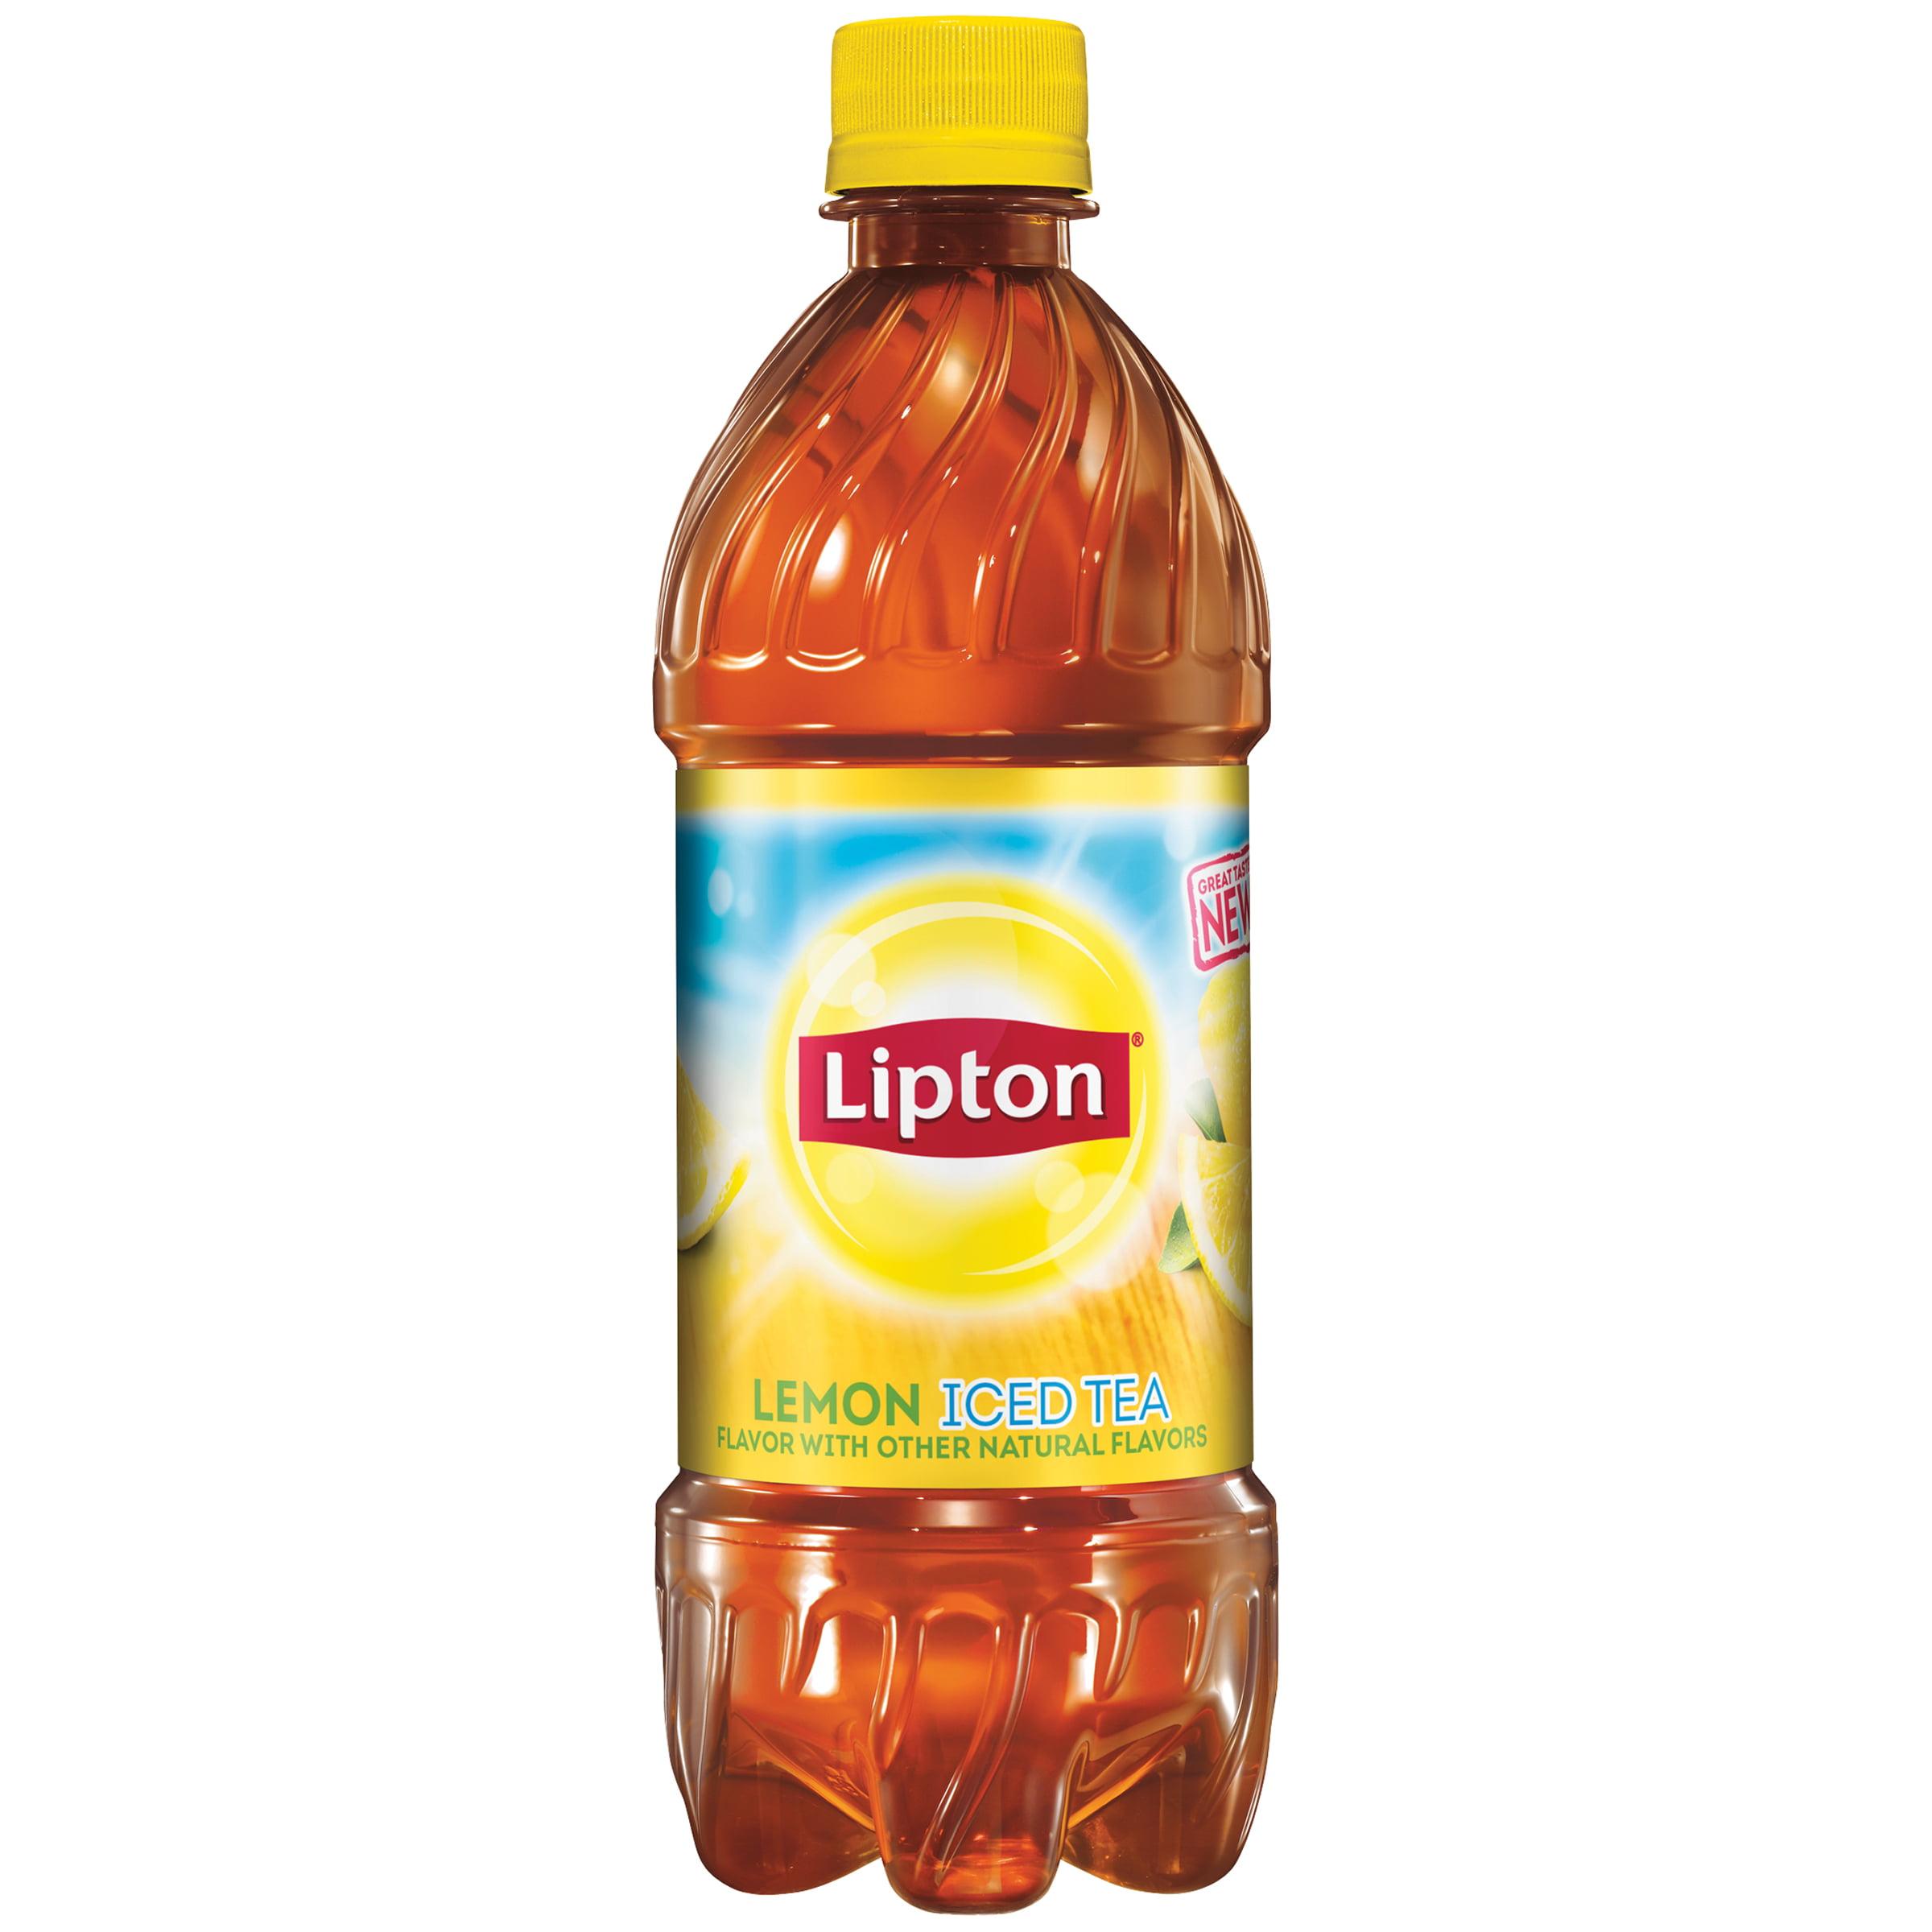 Lipton Lemon Iced Tea 20 fl. oz